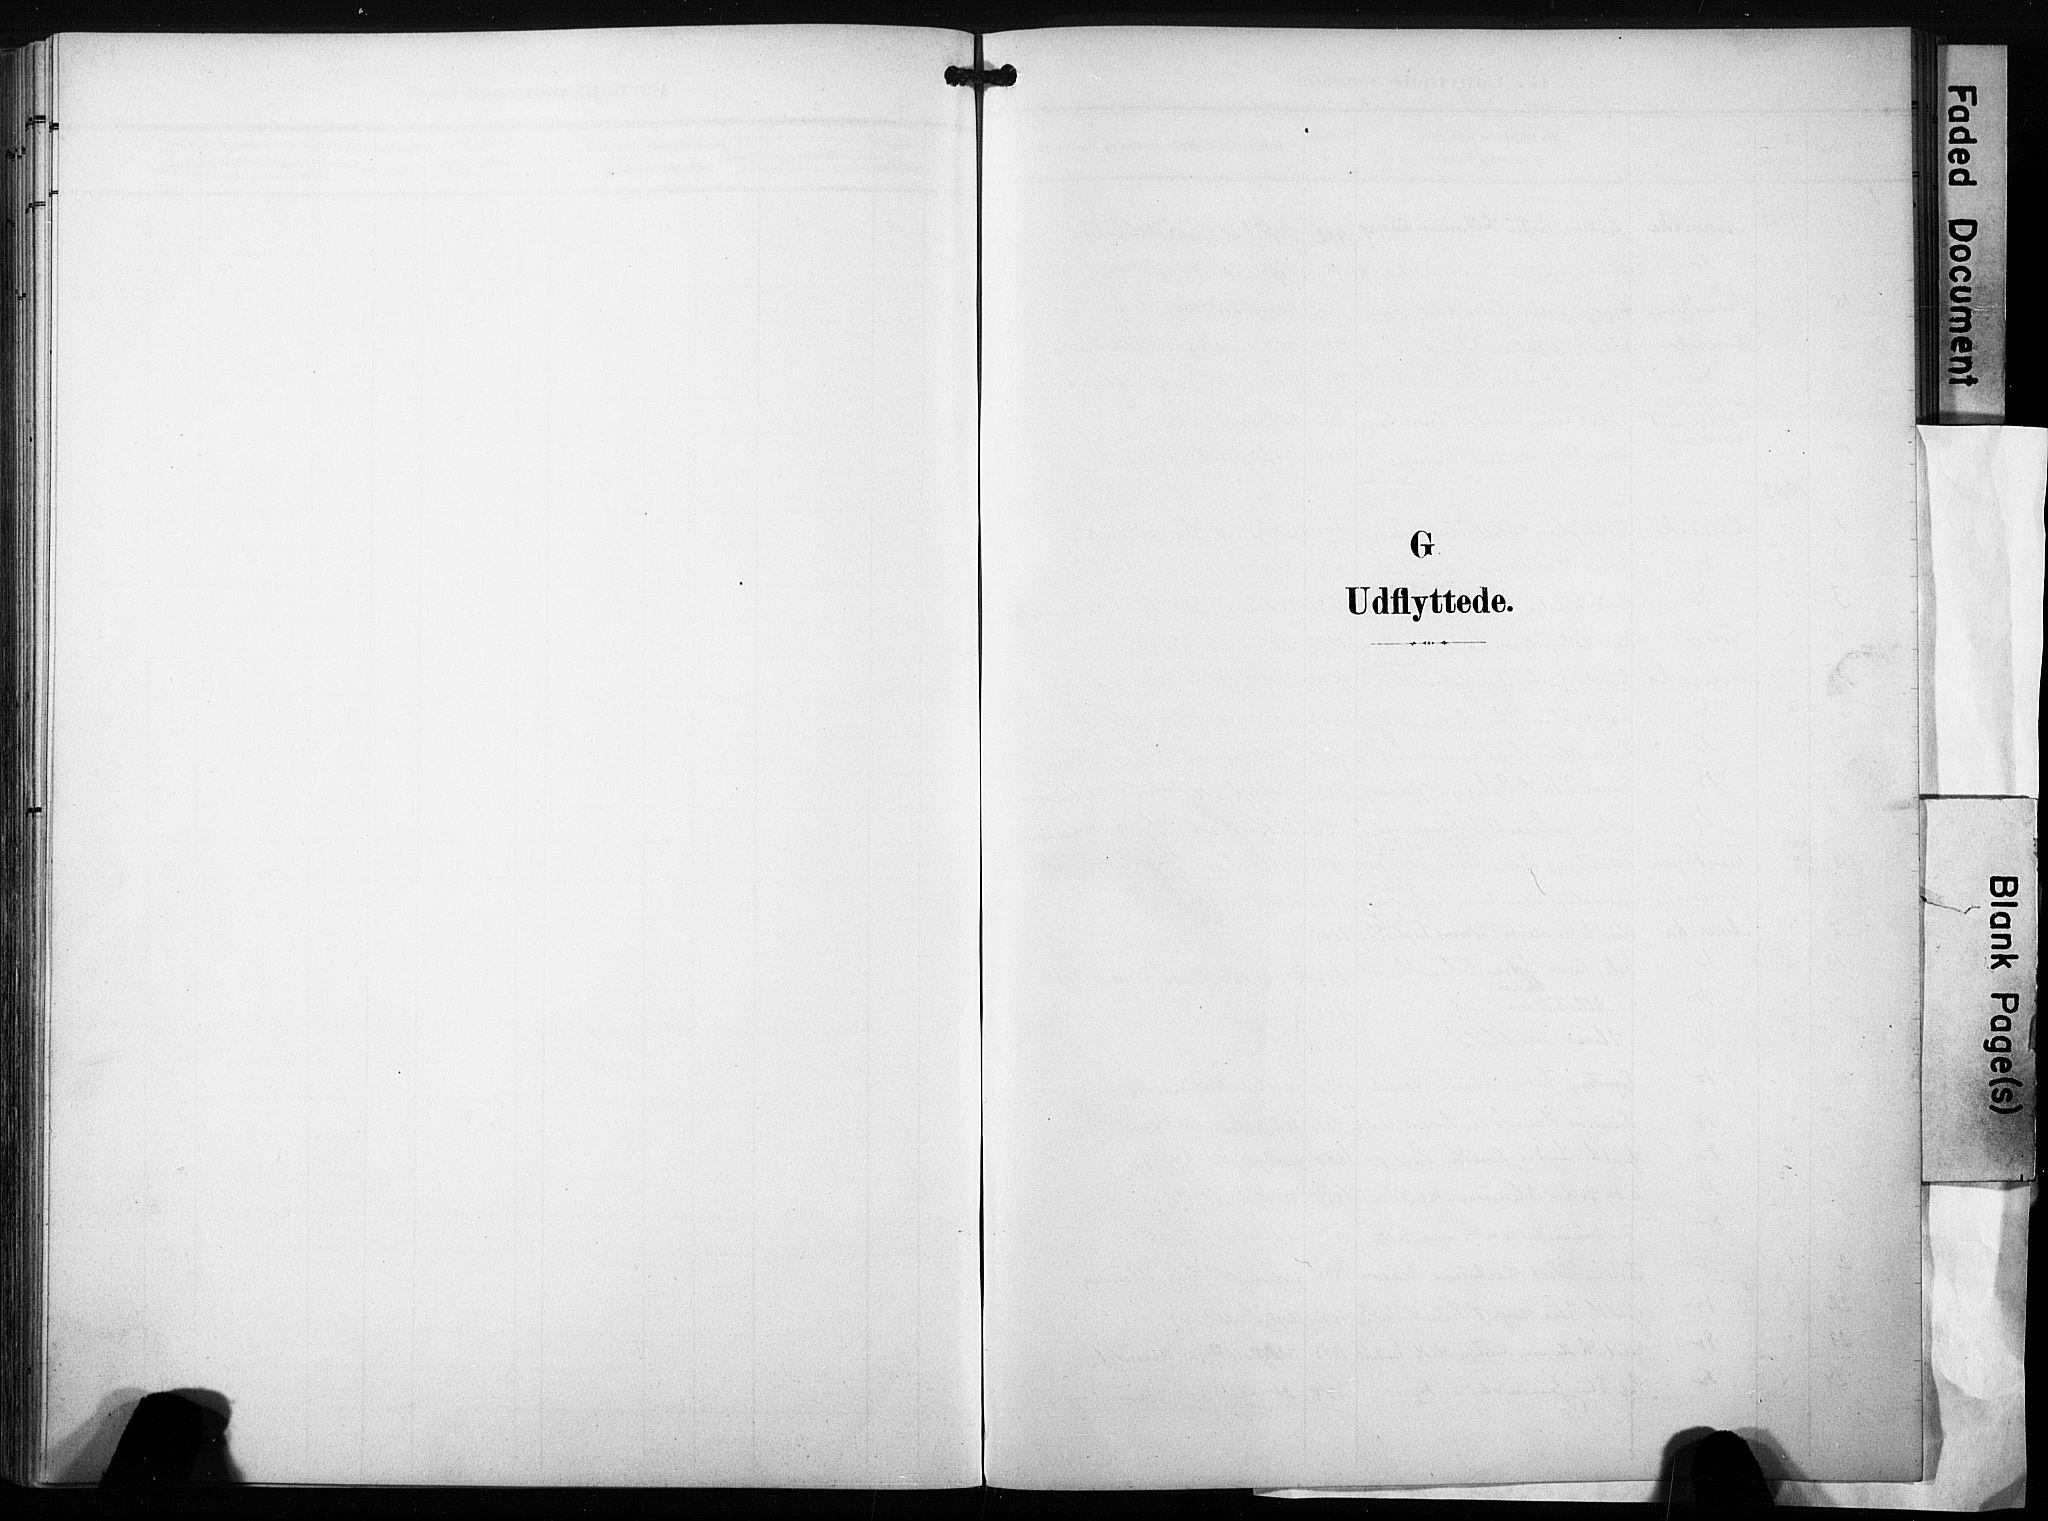 SAT, Ministerialprotokoller, klokkerbøker og fødselsregistre - Sør-Trøndelag, 640/L0580: Ministerialbok nr. 640A05, 1902-1910